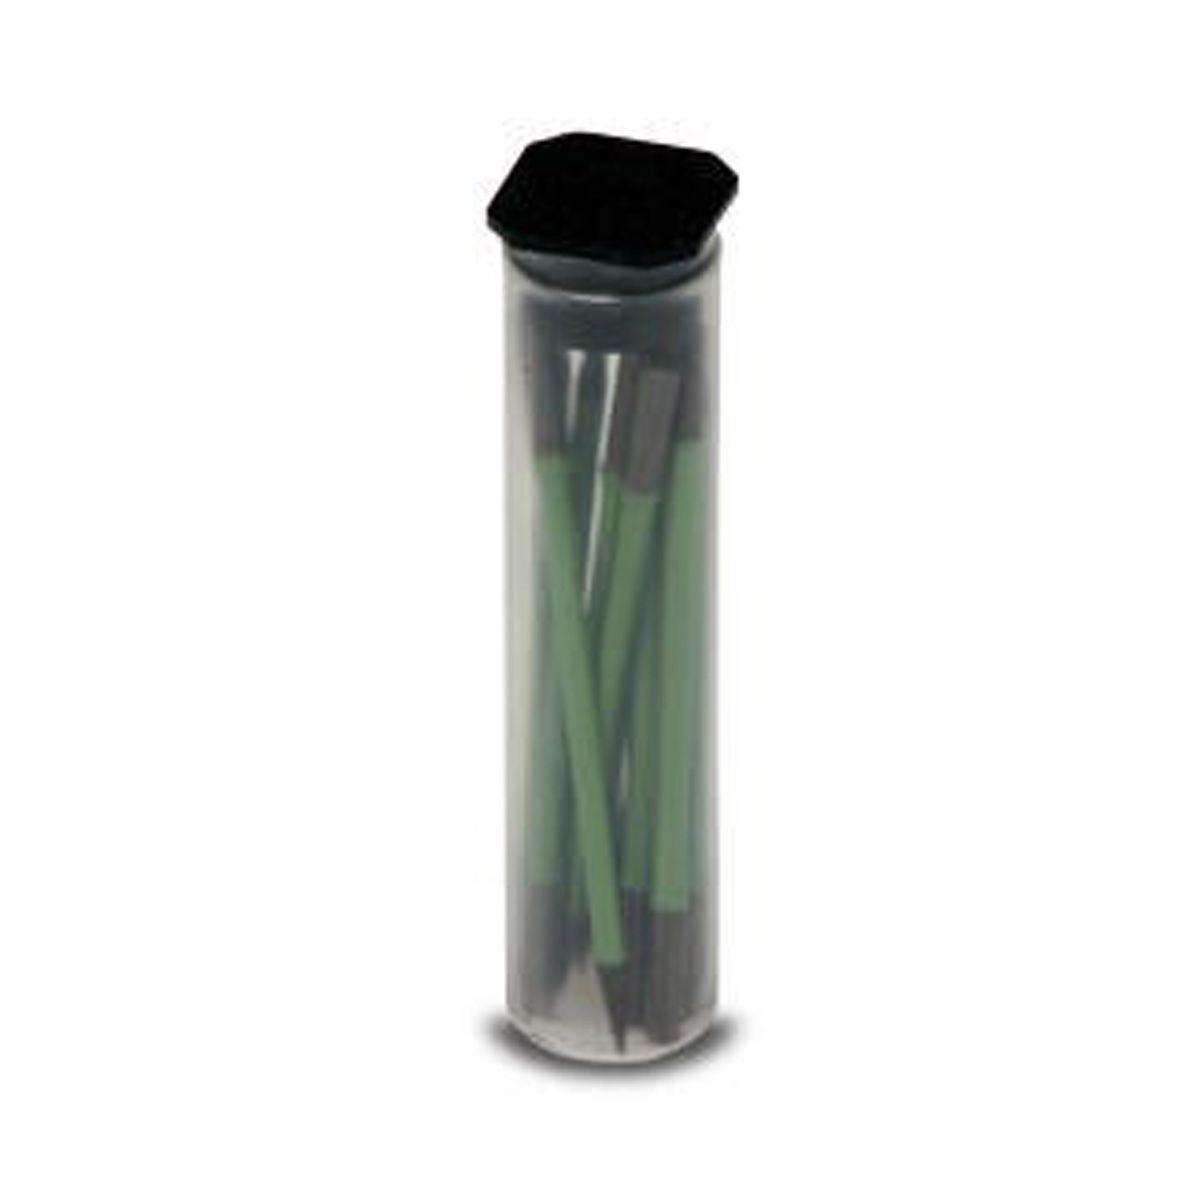 Elektrodenspitzen, TS 070/60mm, teflonisiert, D 1.5-2 mm, 60 mm